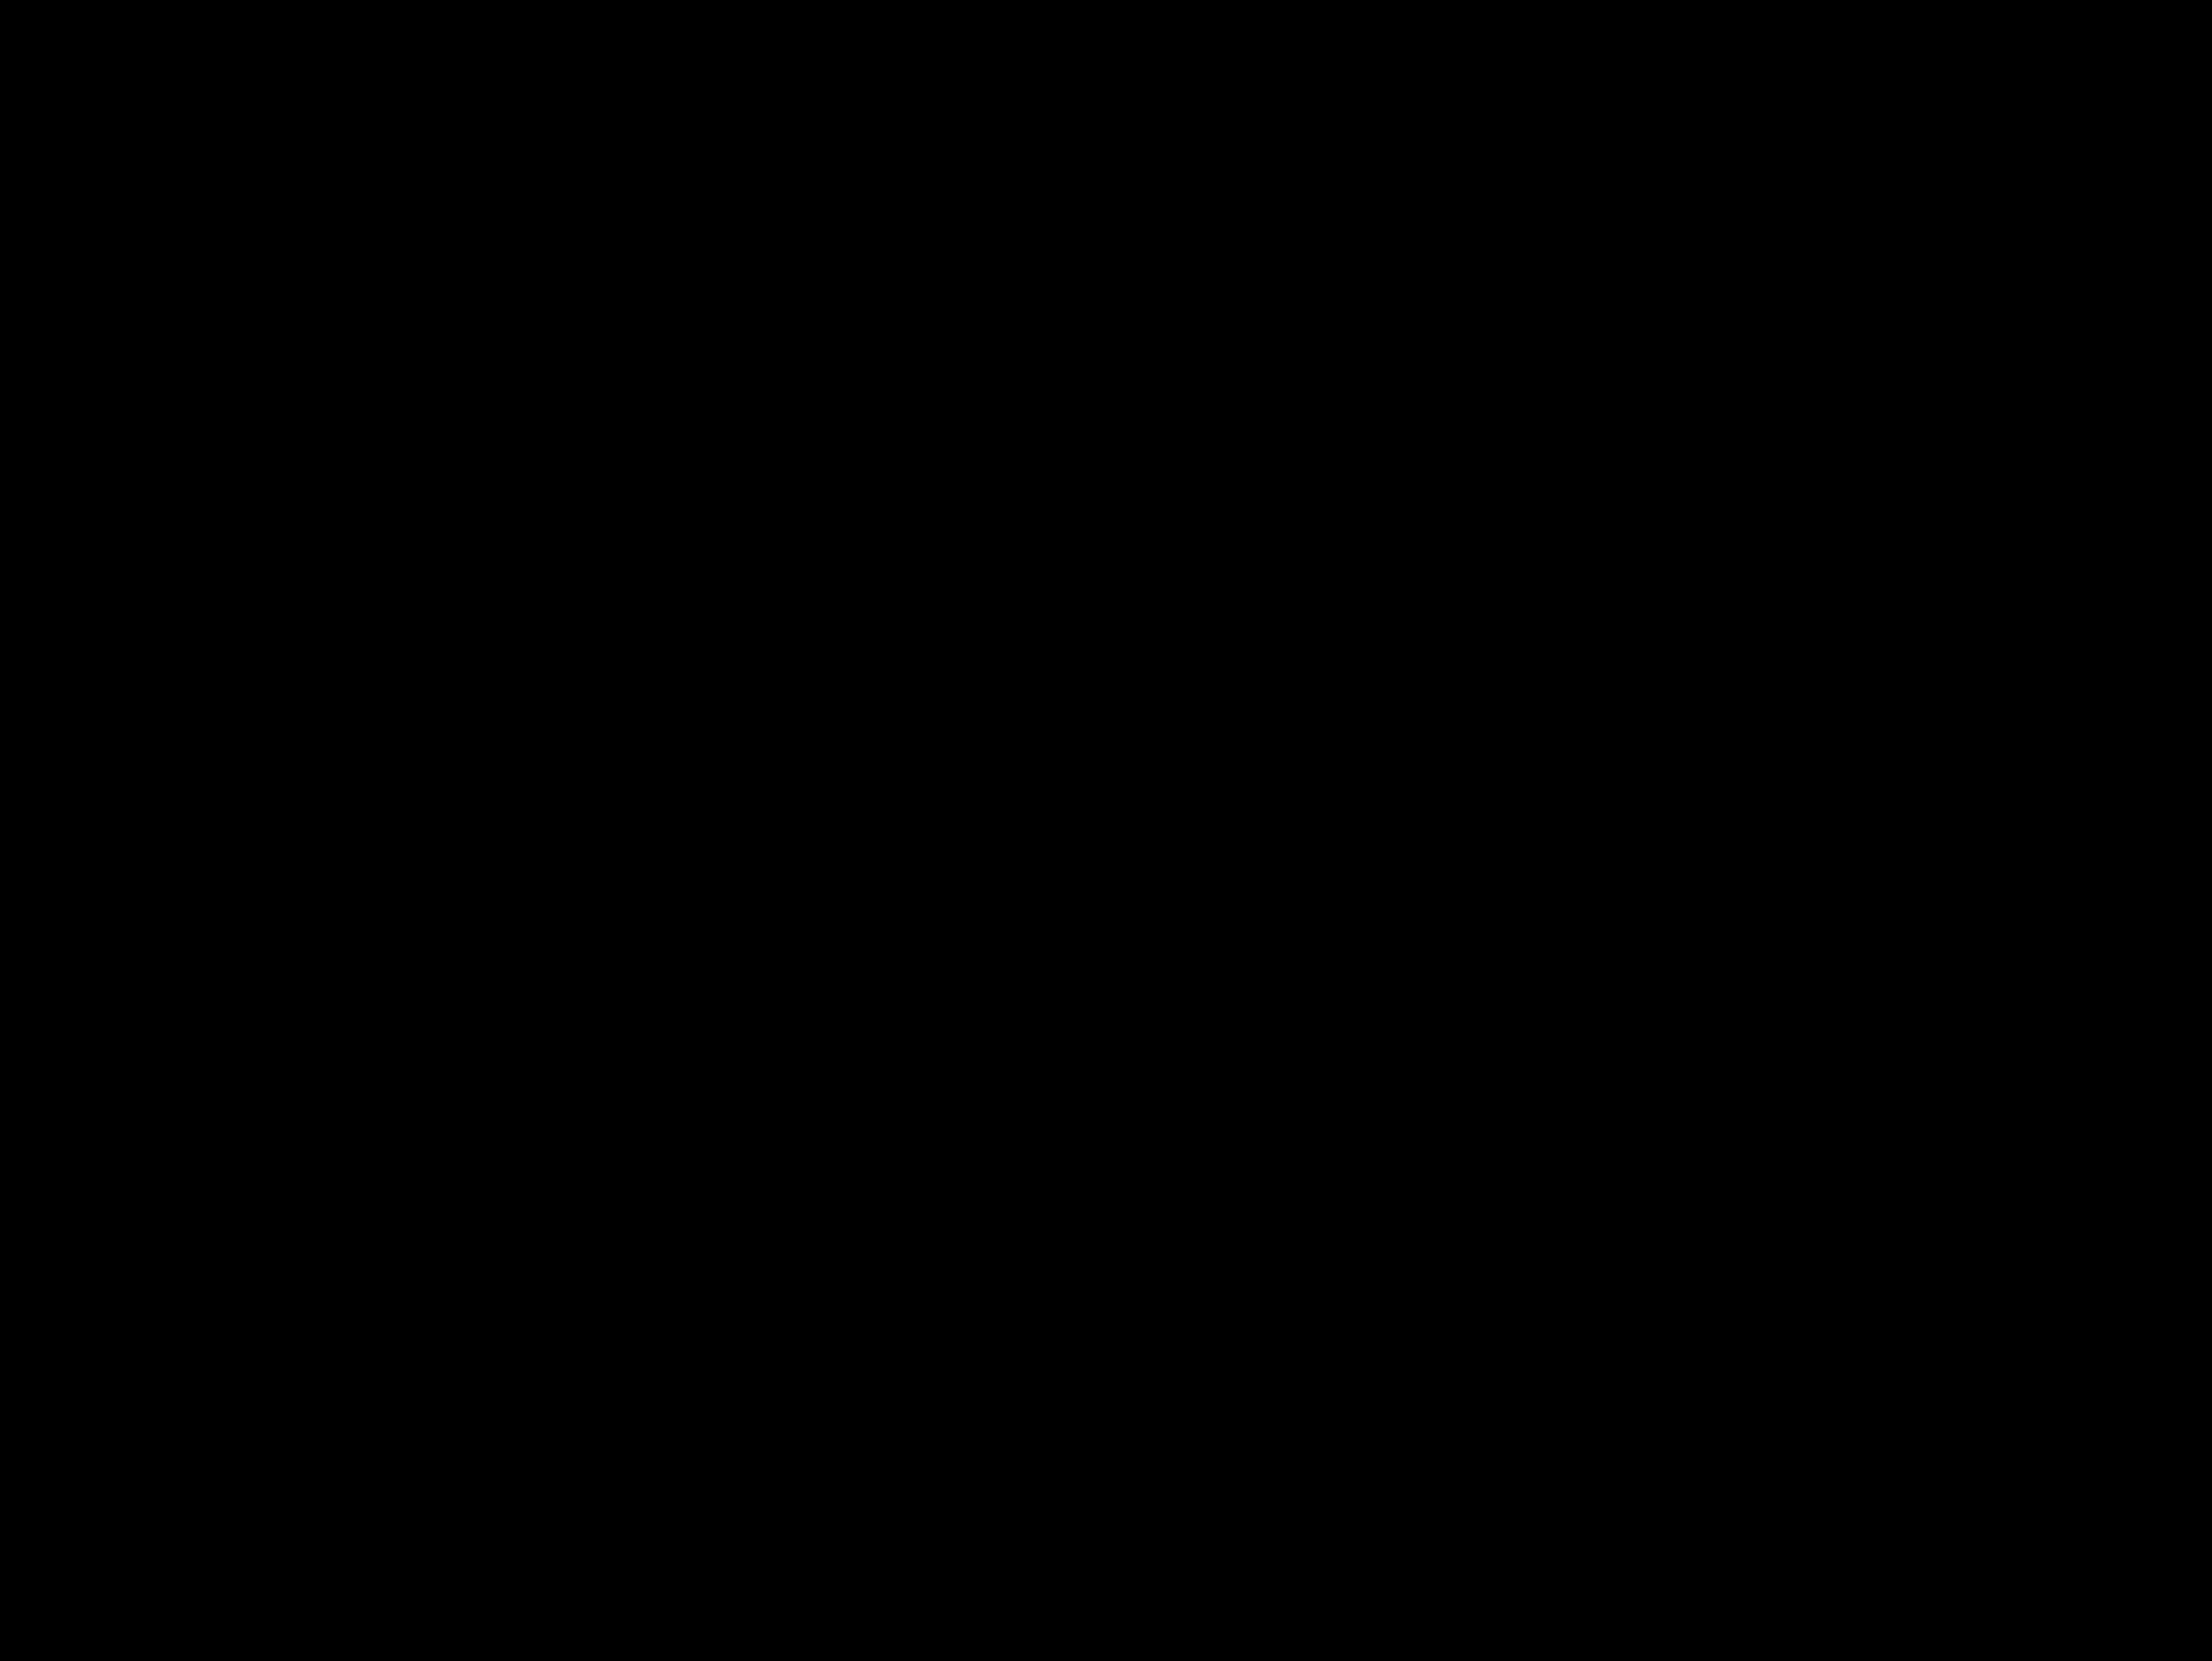 La FEM y CONINAGRO acordaron trabajar en forma conjunta por el desarrollo integral de Mendoza